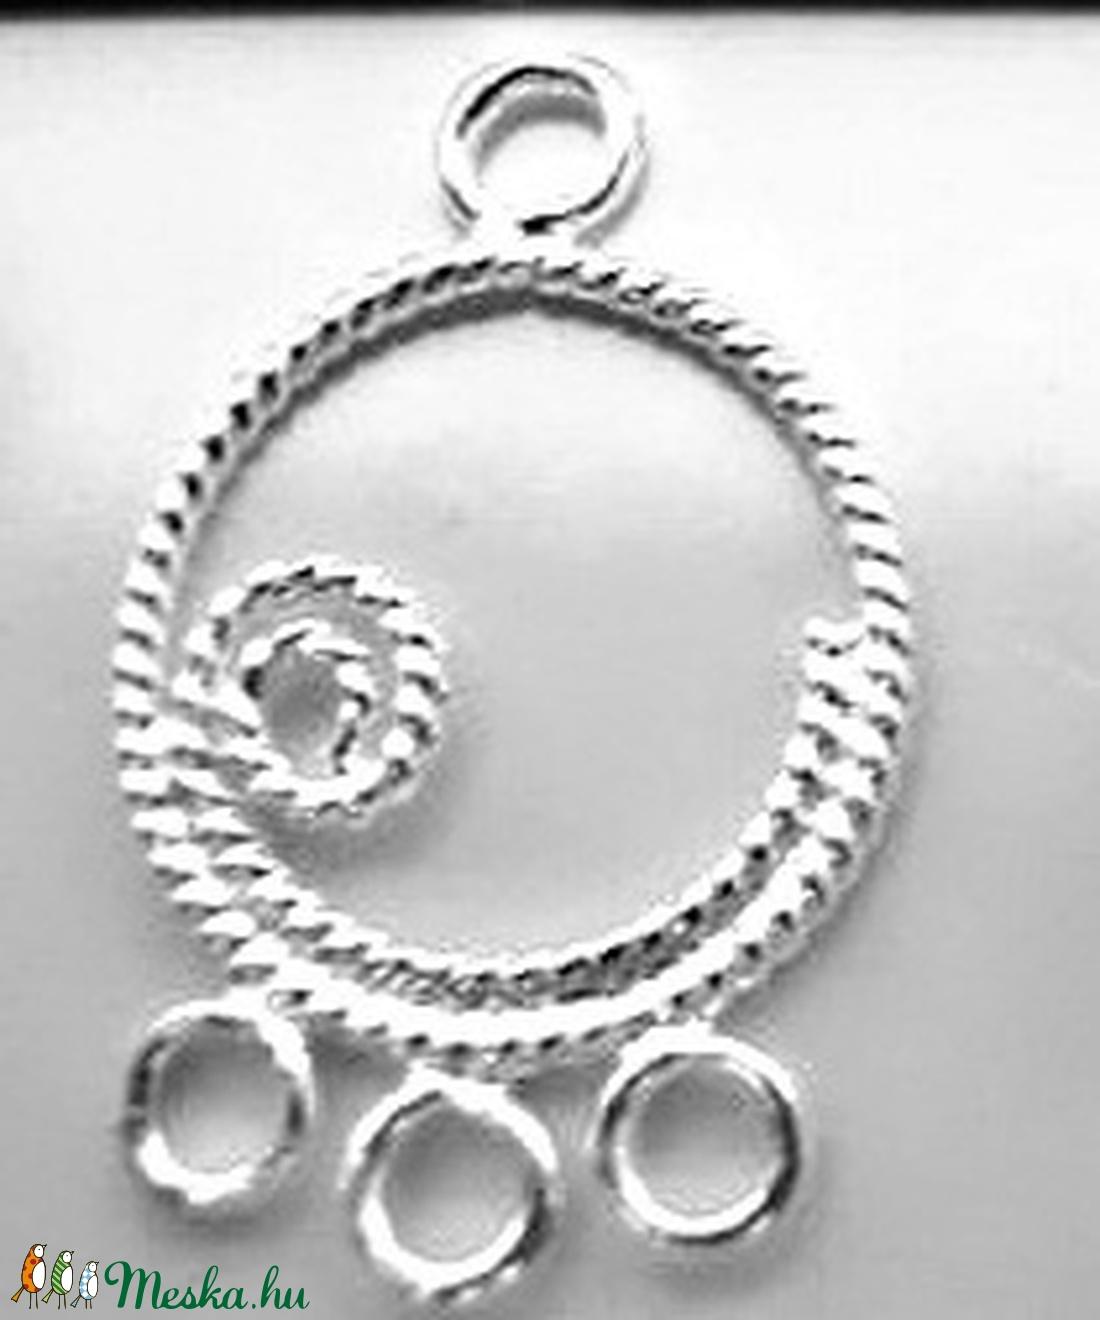 925-ös finomságú sterling ezüst kandeláber/ továbbépíthető köztes /tartó elem  EKA 04 - gyöngy, ékszerkellék - egyéb alkatrész - Meska.hu